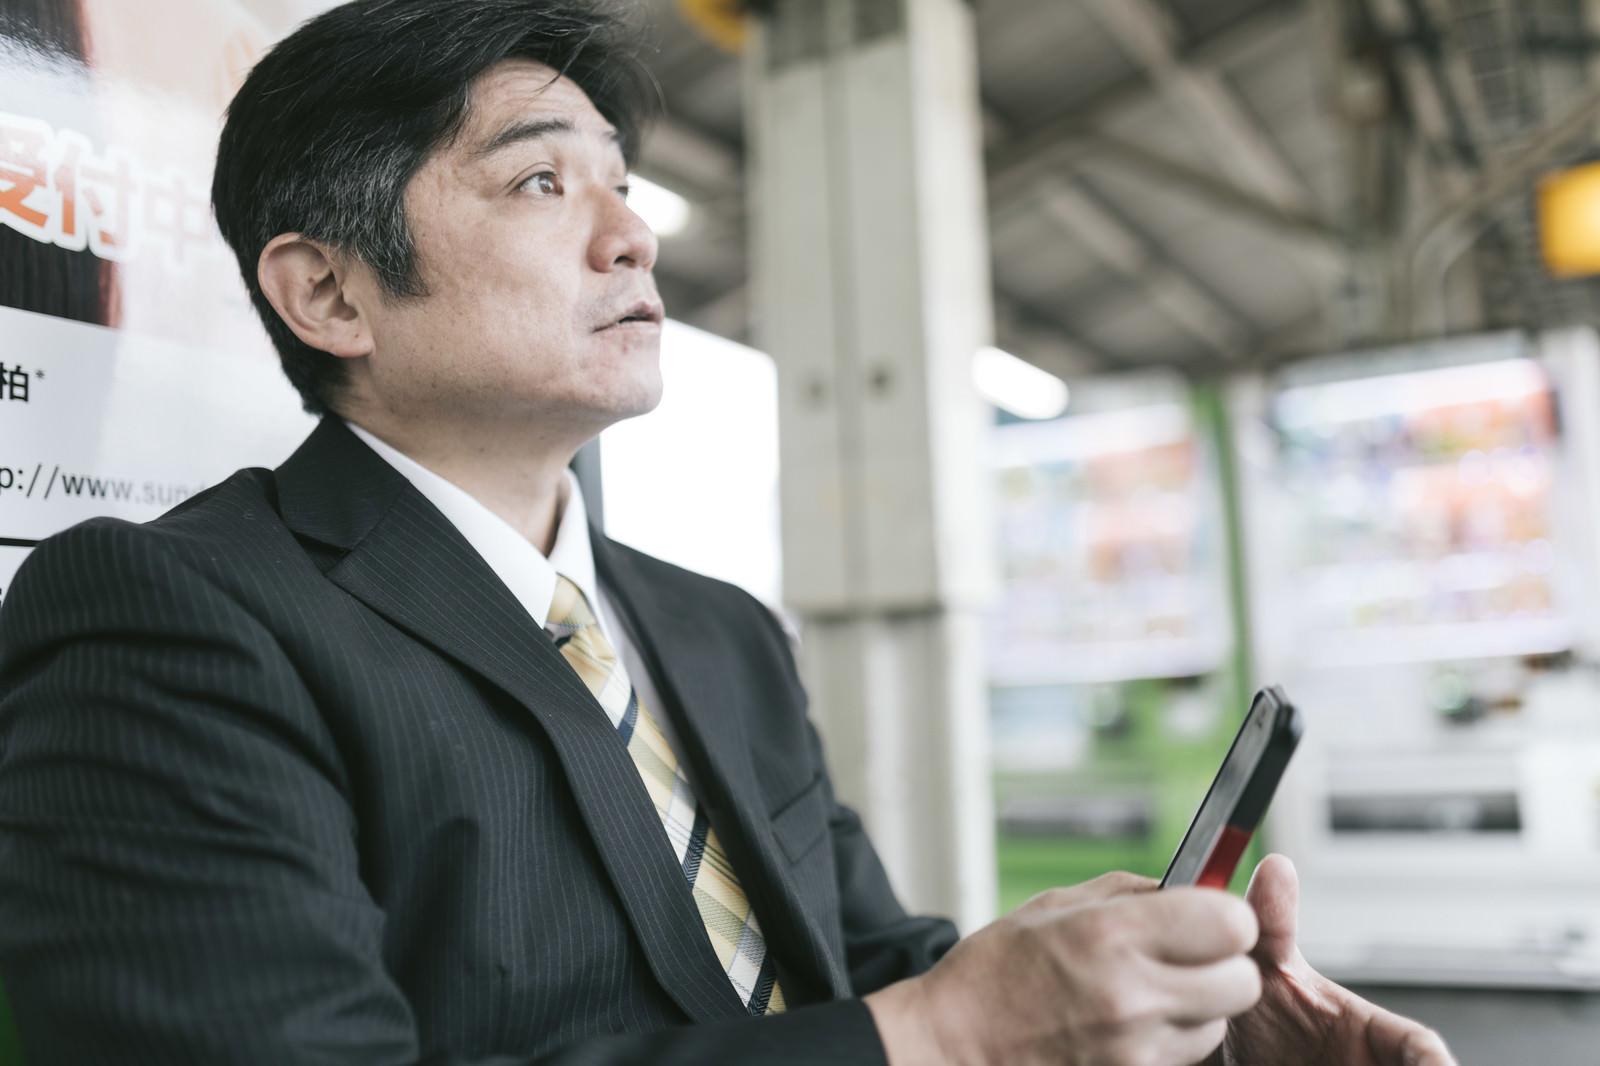 「駅のベンチでスマホに熱中してて電車がいってしまった上司駅のベンチでスマホに熱中してて電車がいってしまった上司」[モデル:よたか]のフリー写真素材を拡大